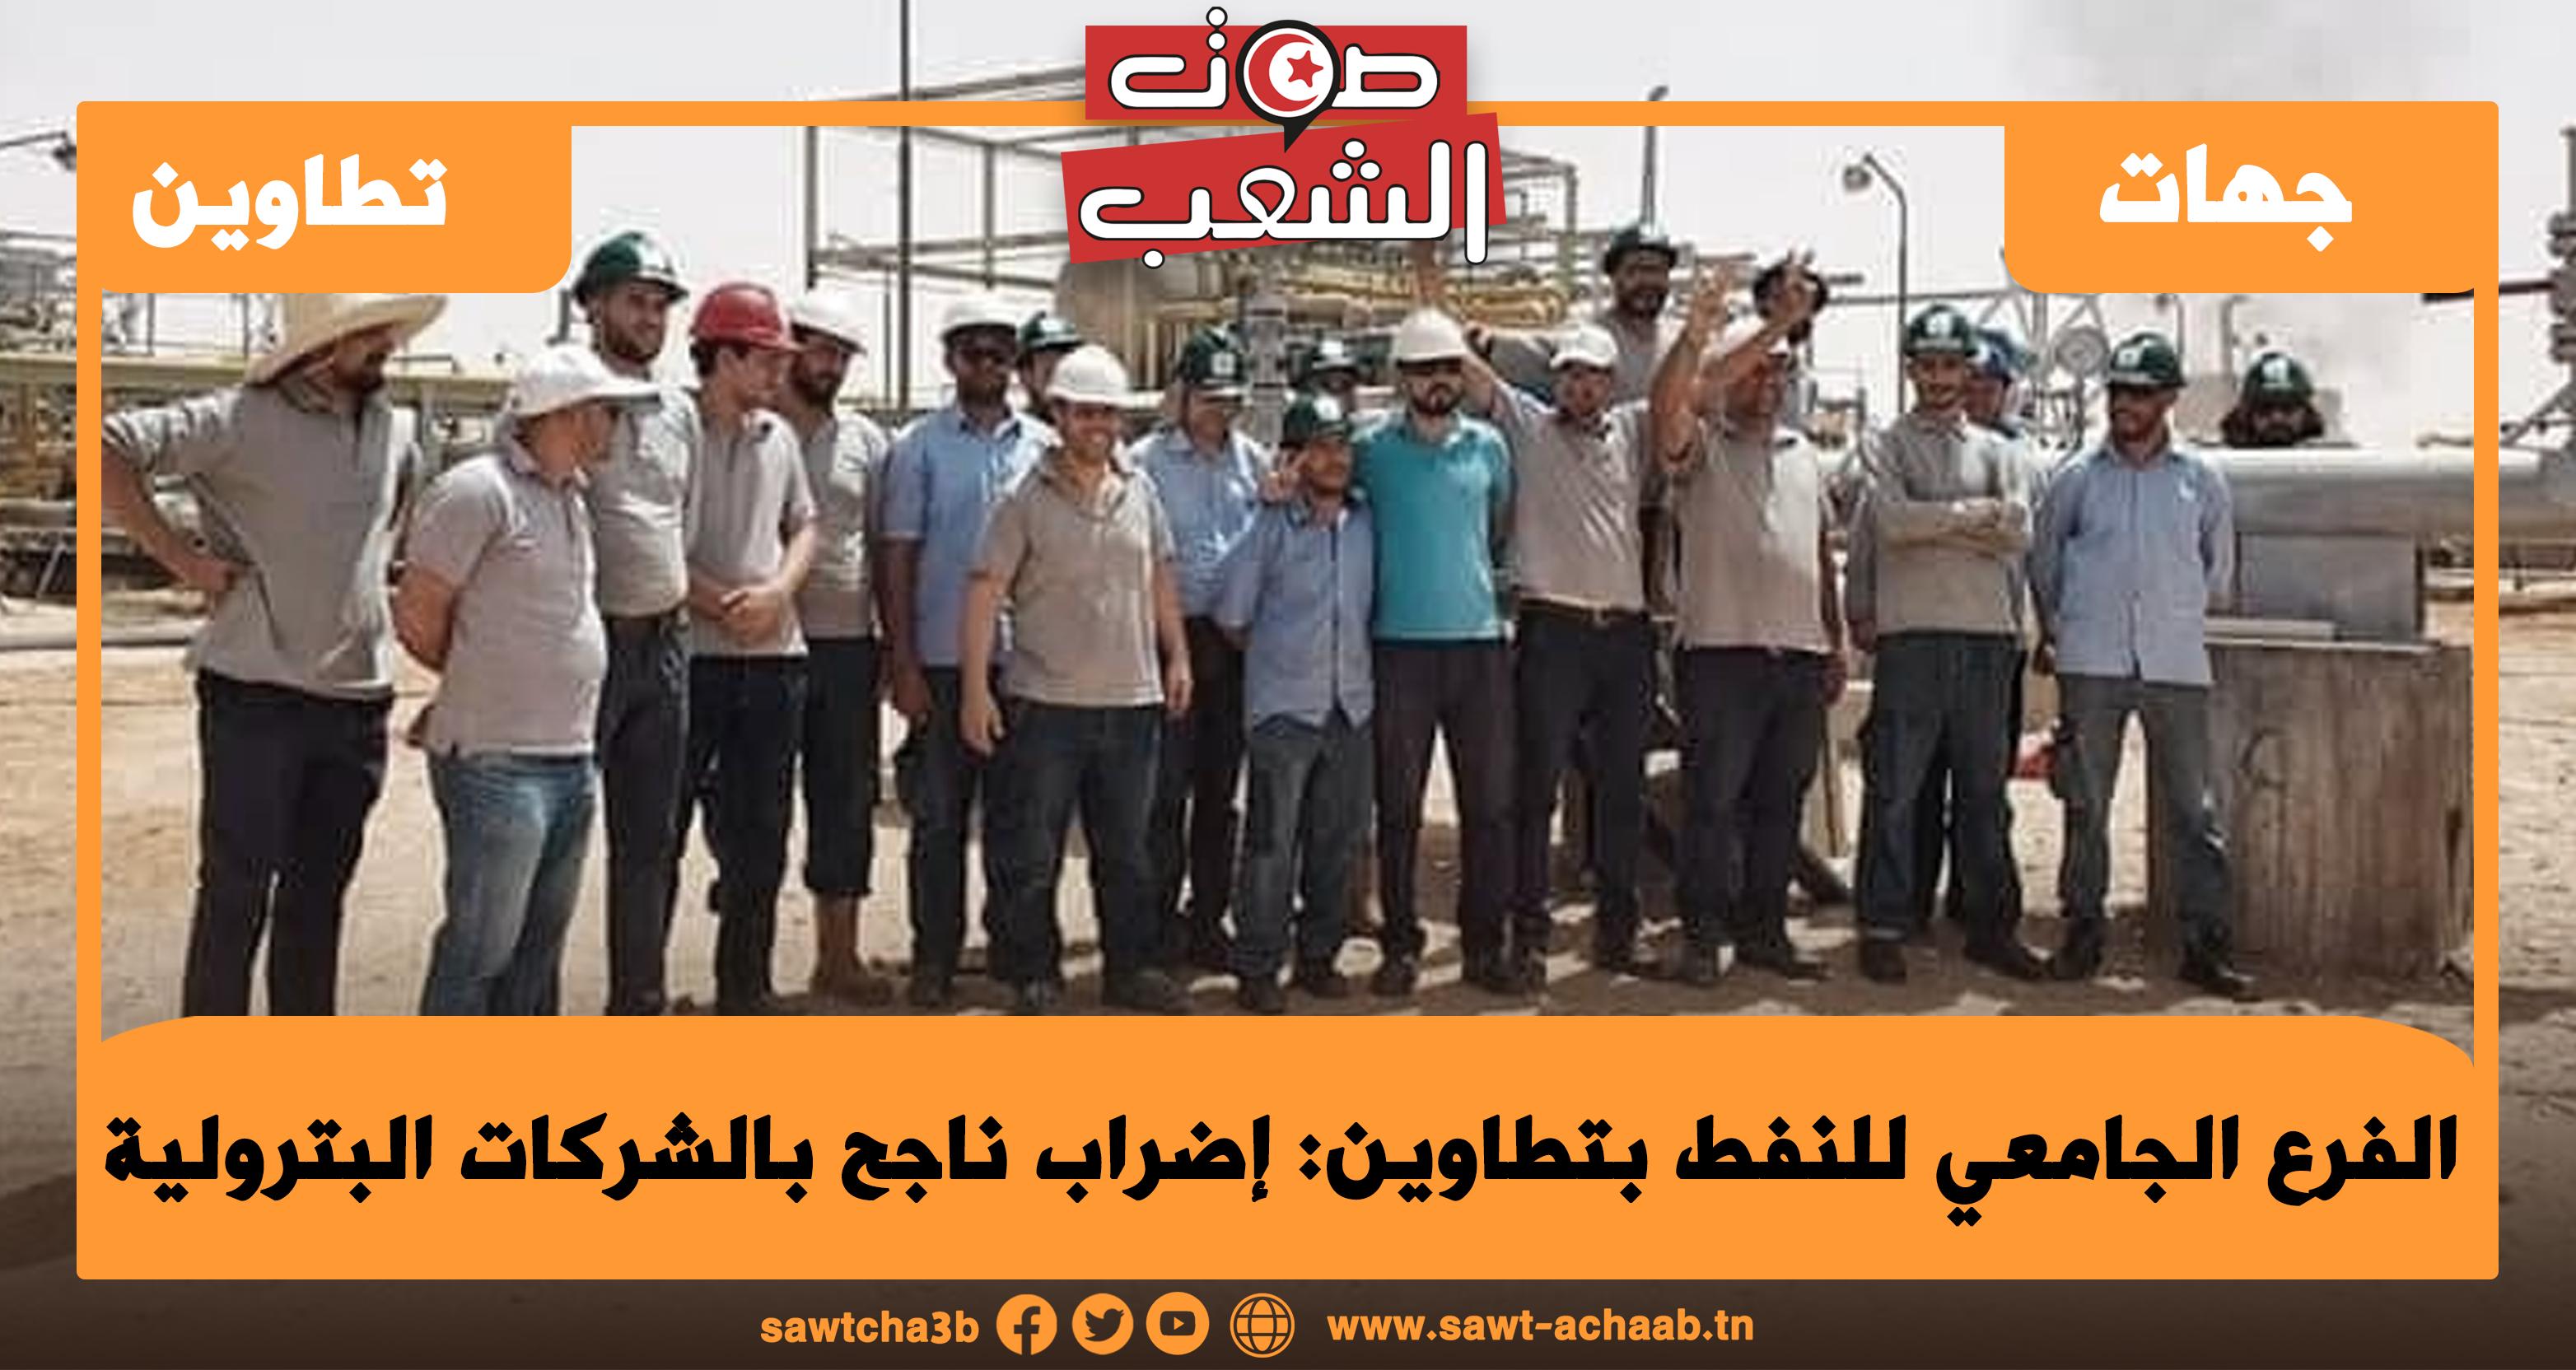 الفرع الجامعي للنفط بتطاوين: إضراب ناجح بالشركات البترولية